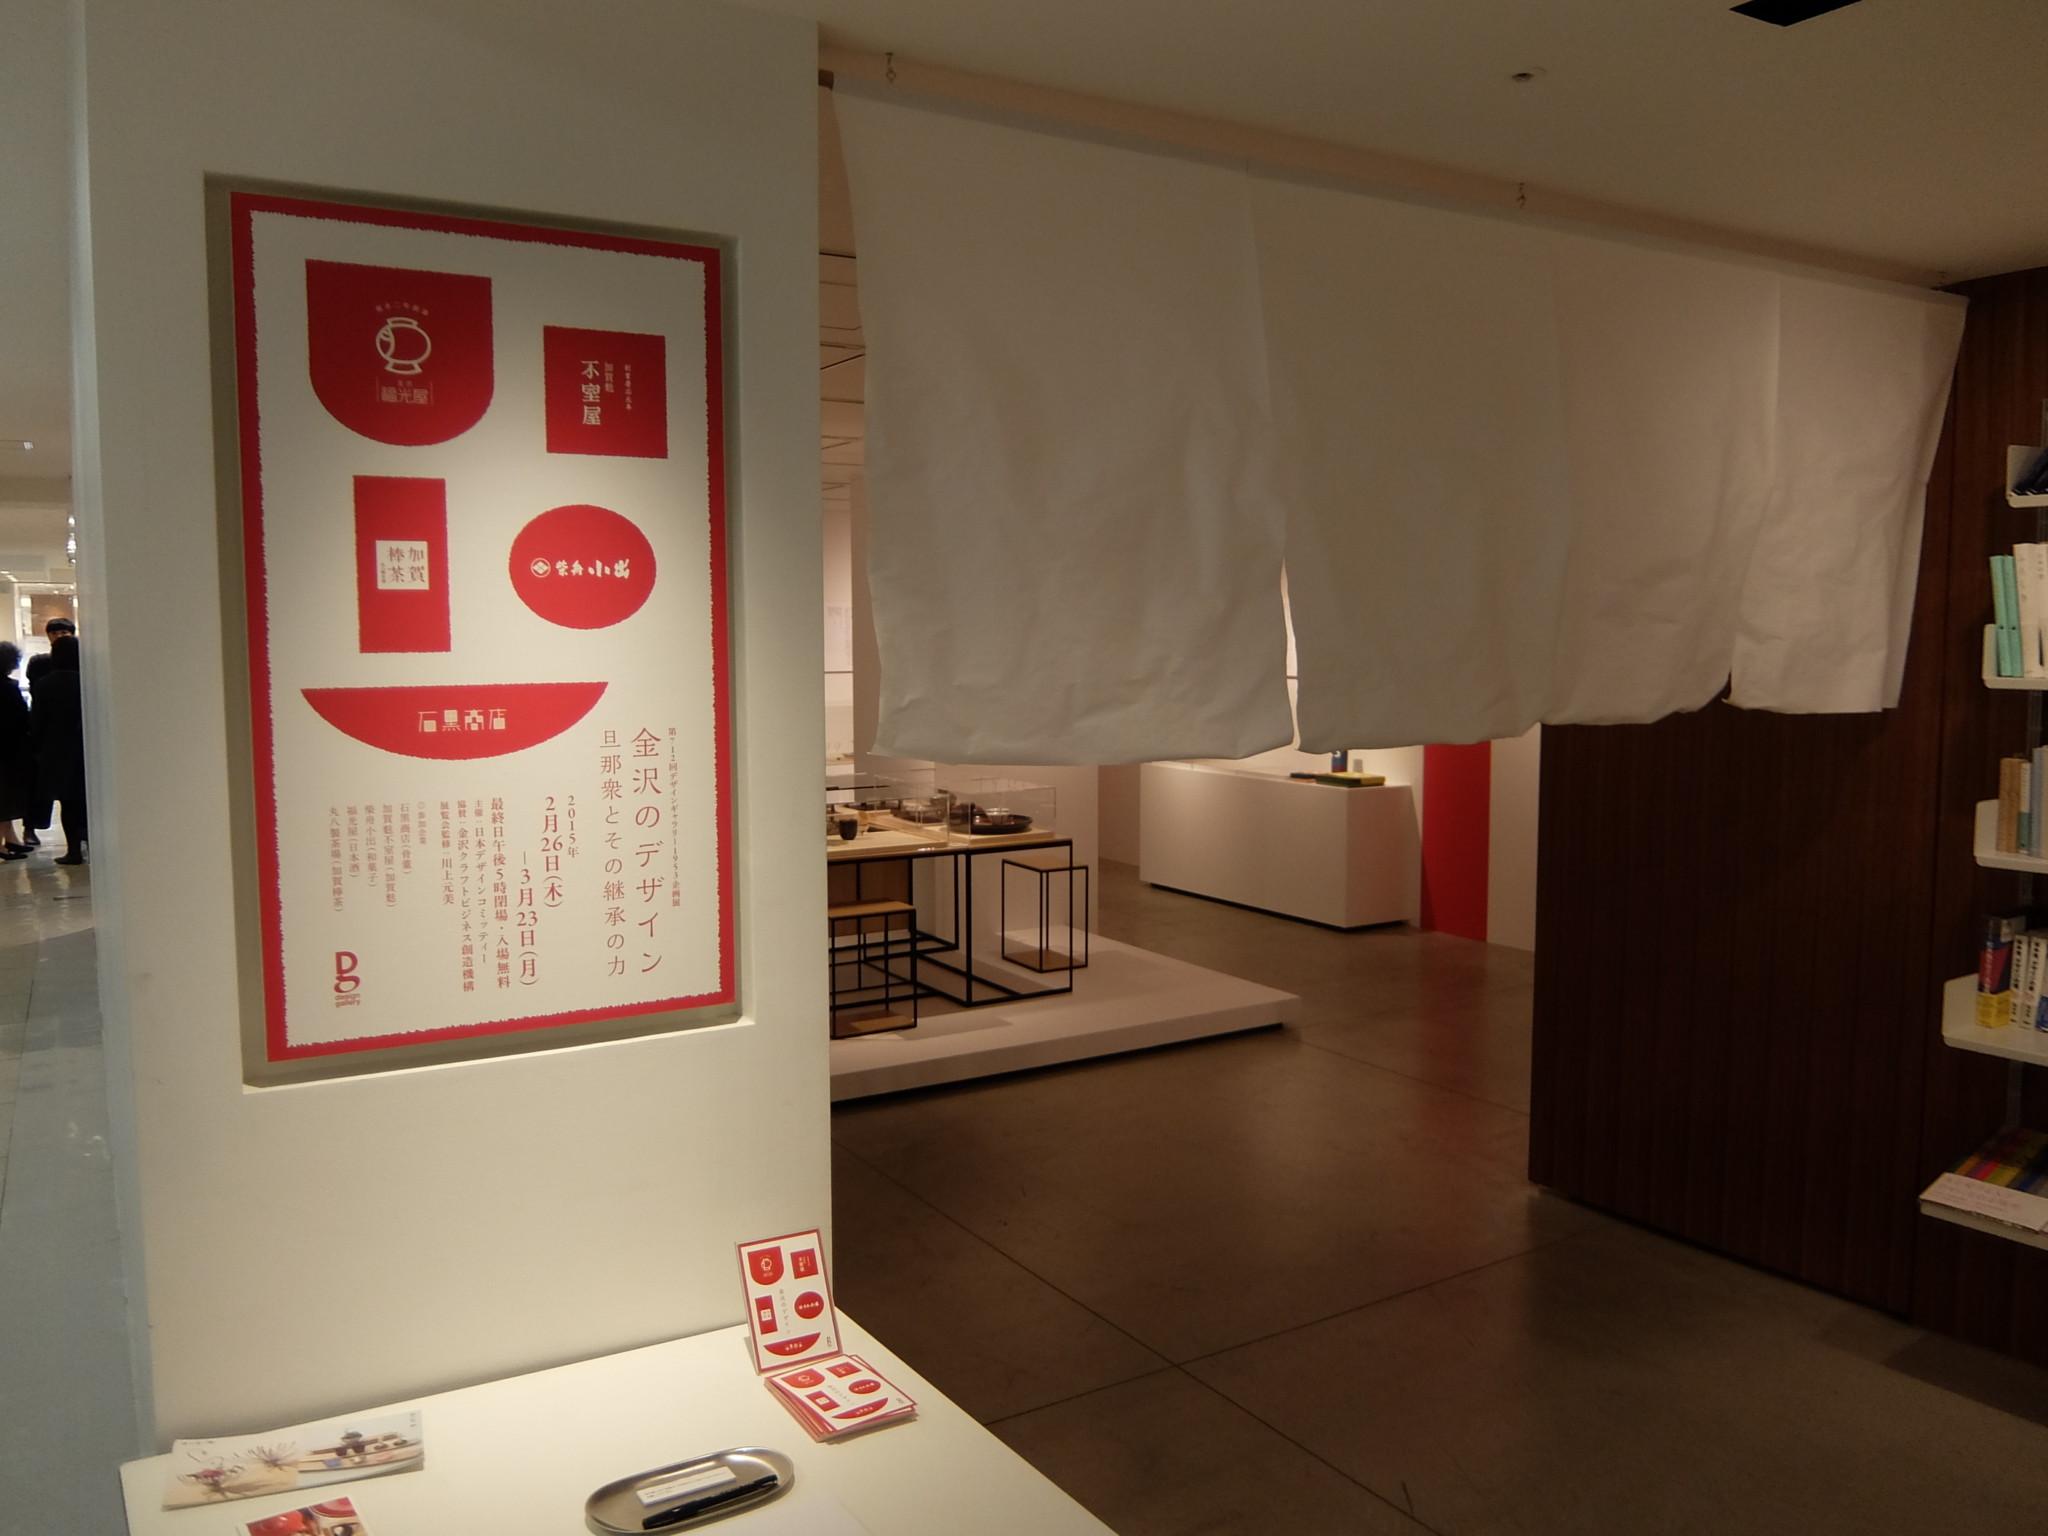 金沢のデザイン 旦那衆とその継承の力